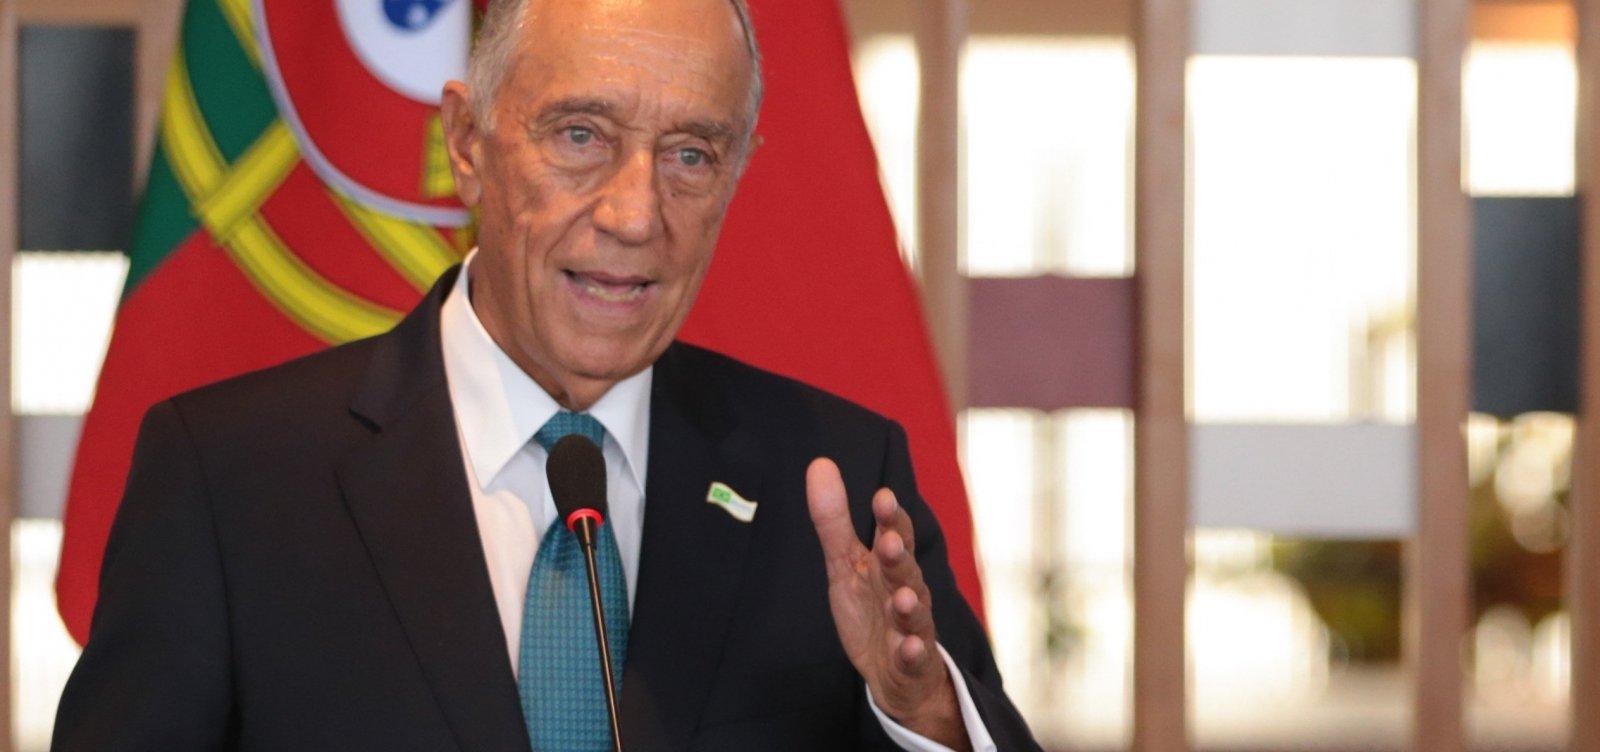 Marcelo Rebelo de Sousa é reeleito presidente de Portugal com 60,7% dos votos